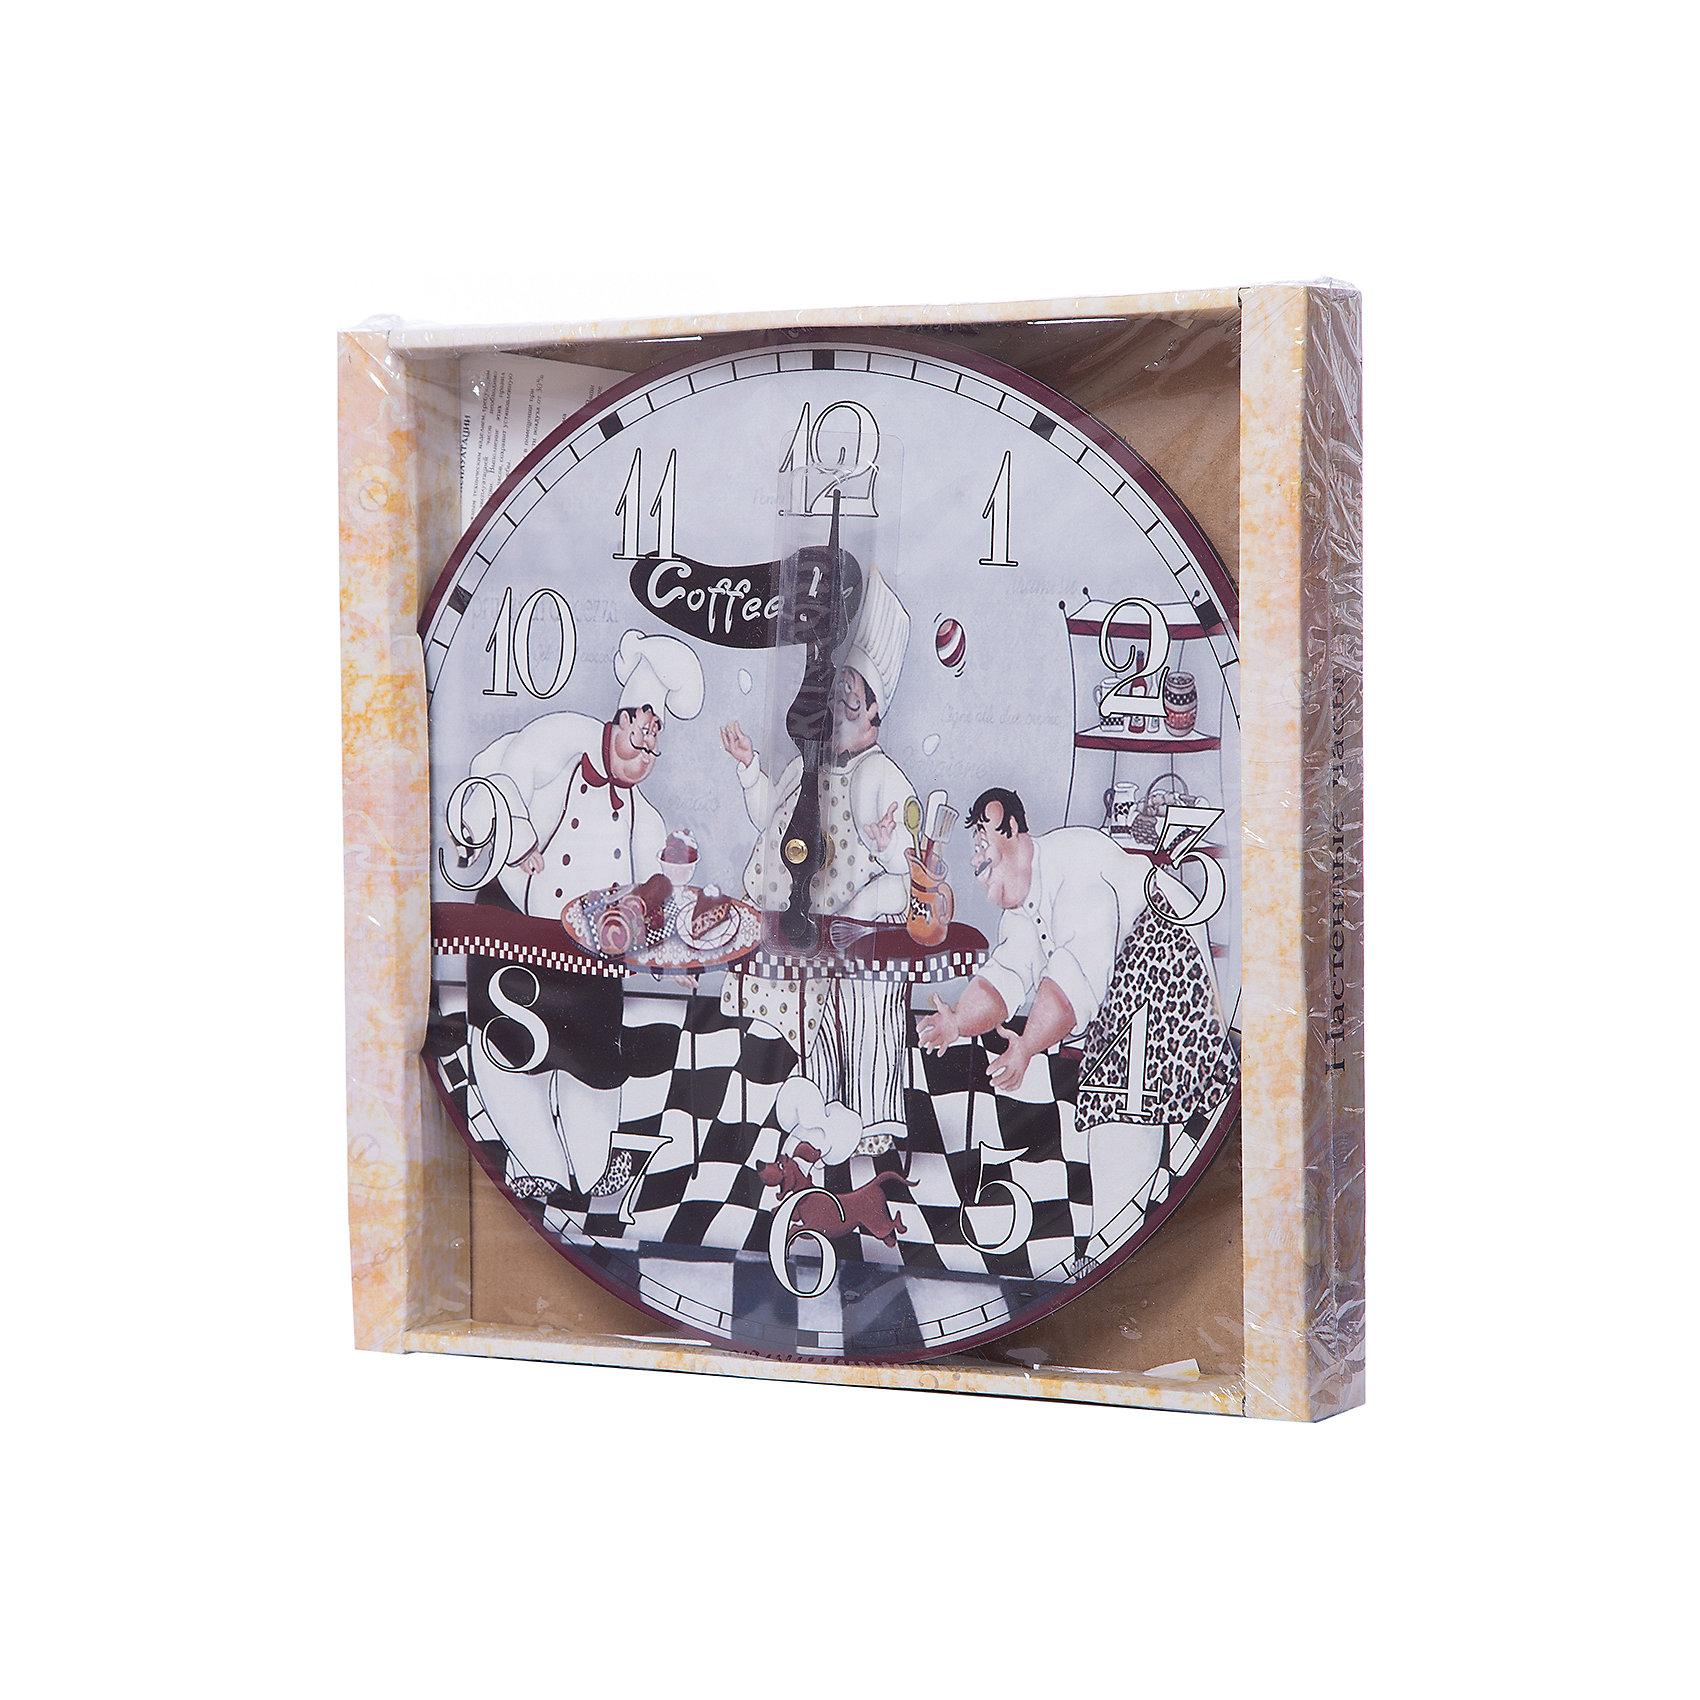 Часы настенные Время пить кофе, диаметр 34 смПредметы интерьера<br>Часы настенные Время пить кофе, диаметр 34 см.<br><br>Характеристики:<br><br>- Диаметр: 34 см.<br>- Две стрелки часовая и минутная<br>- Батарейка: 1 типа АА (в комплект не входит)<br>- Упаковка картонная коробка<br><br>Кварцевые настенные часы с механизмом плавного хода помимо своего прямого назначения – показывать точное время – станут важным элементом декора Вашего дома или квартиры. Открытый циферблат часов выполнен из листа оргалита с декоративным покрытием, оформлен изображением забавной жанровой сценки. Часовая и минутная стрелки металлические. Часовой механизм закрыт пластиковым корпусом. Часы будут ярким акцентом в интерьере и создадут дополнительный уют и хорошее настроение.<br><br>Часы настенные Время пить кофе, диаметр 34 см можно купить в нашем интернет-магазине.<br><br>Ширина мм: 345<br>Глубина мм: 340<br>Высота мм: 45<br>Вес г: 2500<br>Возраст от месяцев: 72<br>Возраст до месяцев: 144<br>Пол: Унисекс<br>Возраст: Детский<br>SKU: 5089819